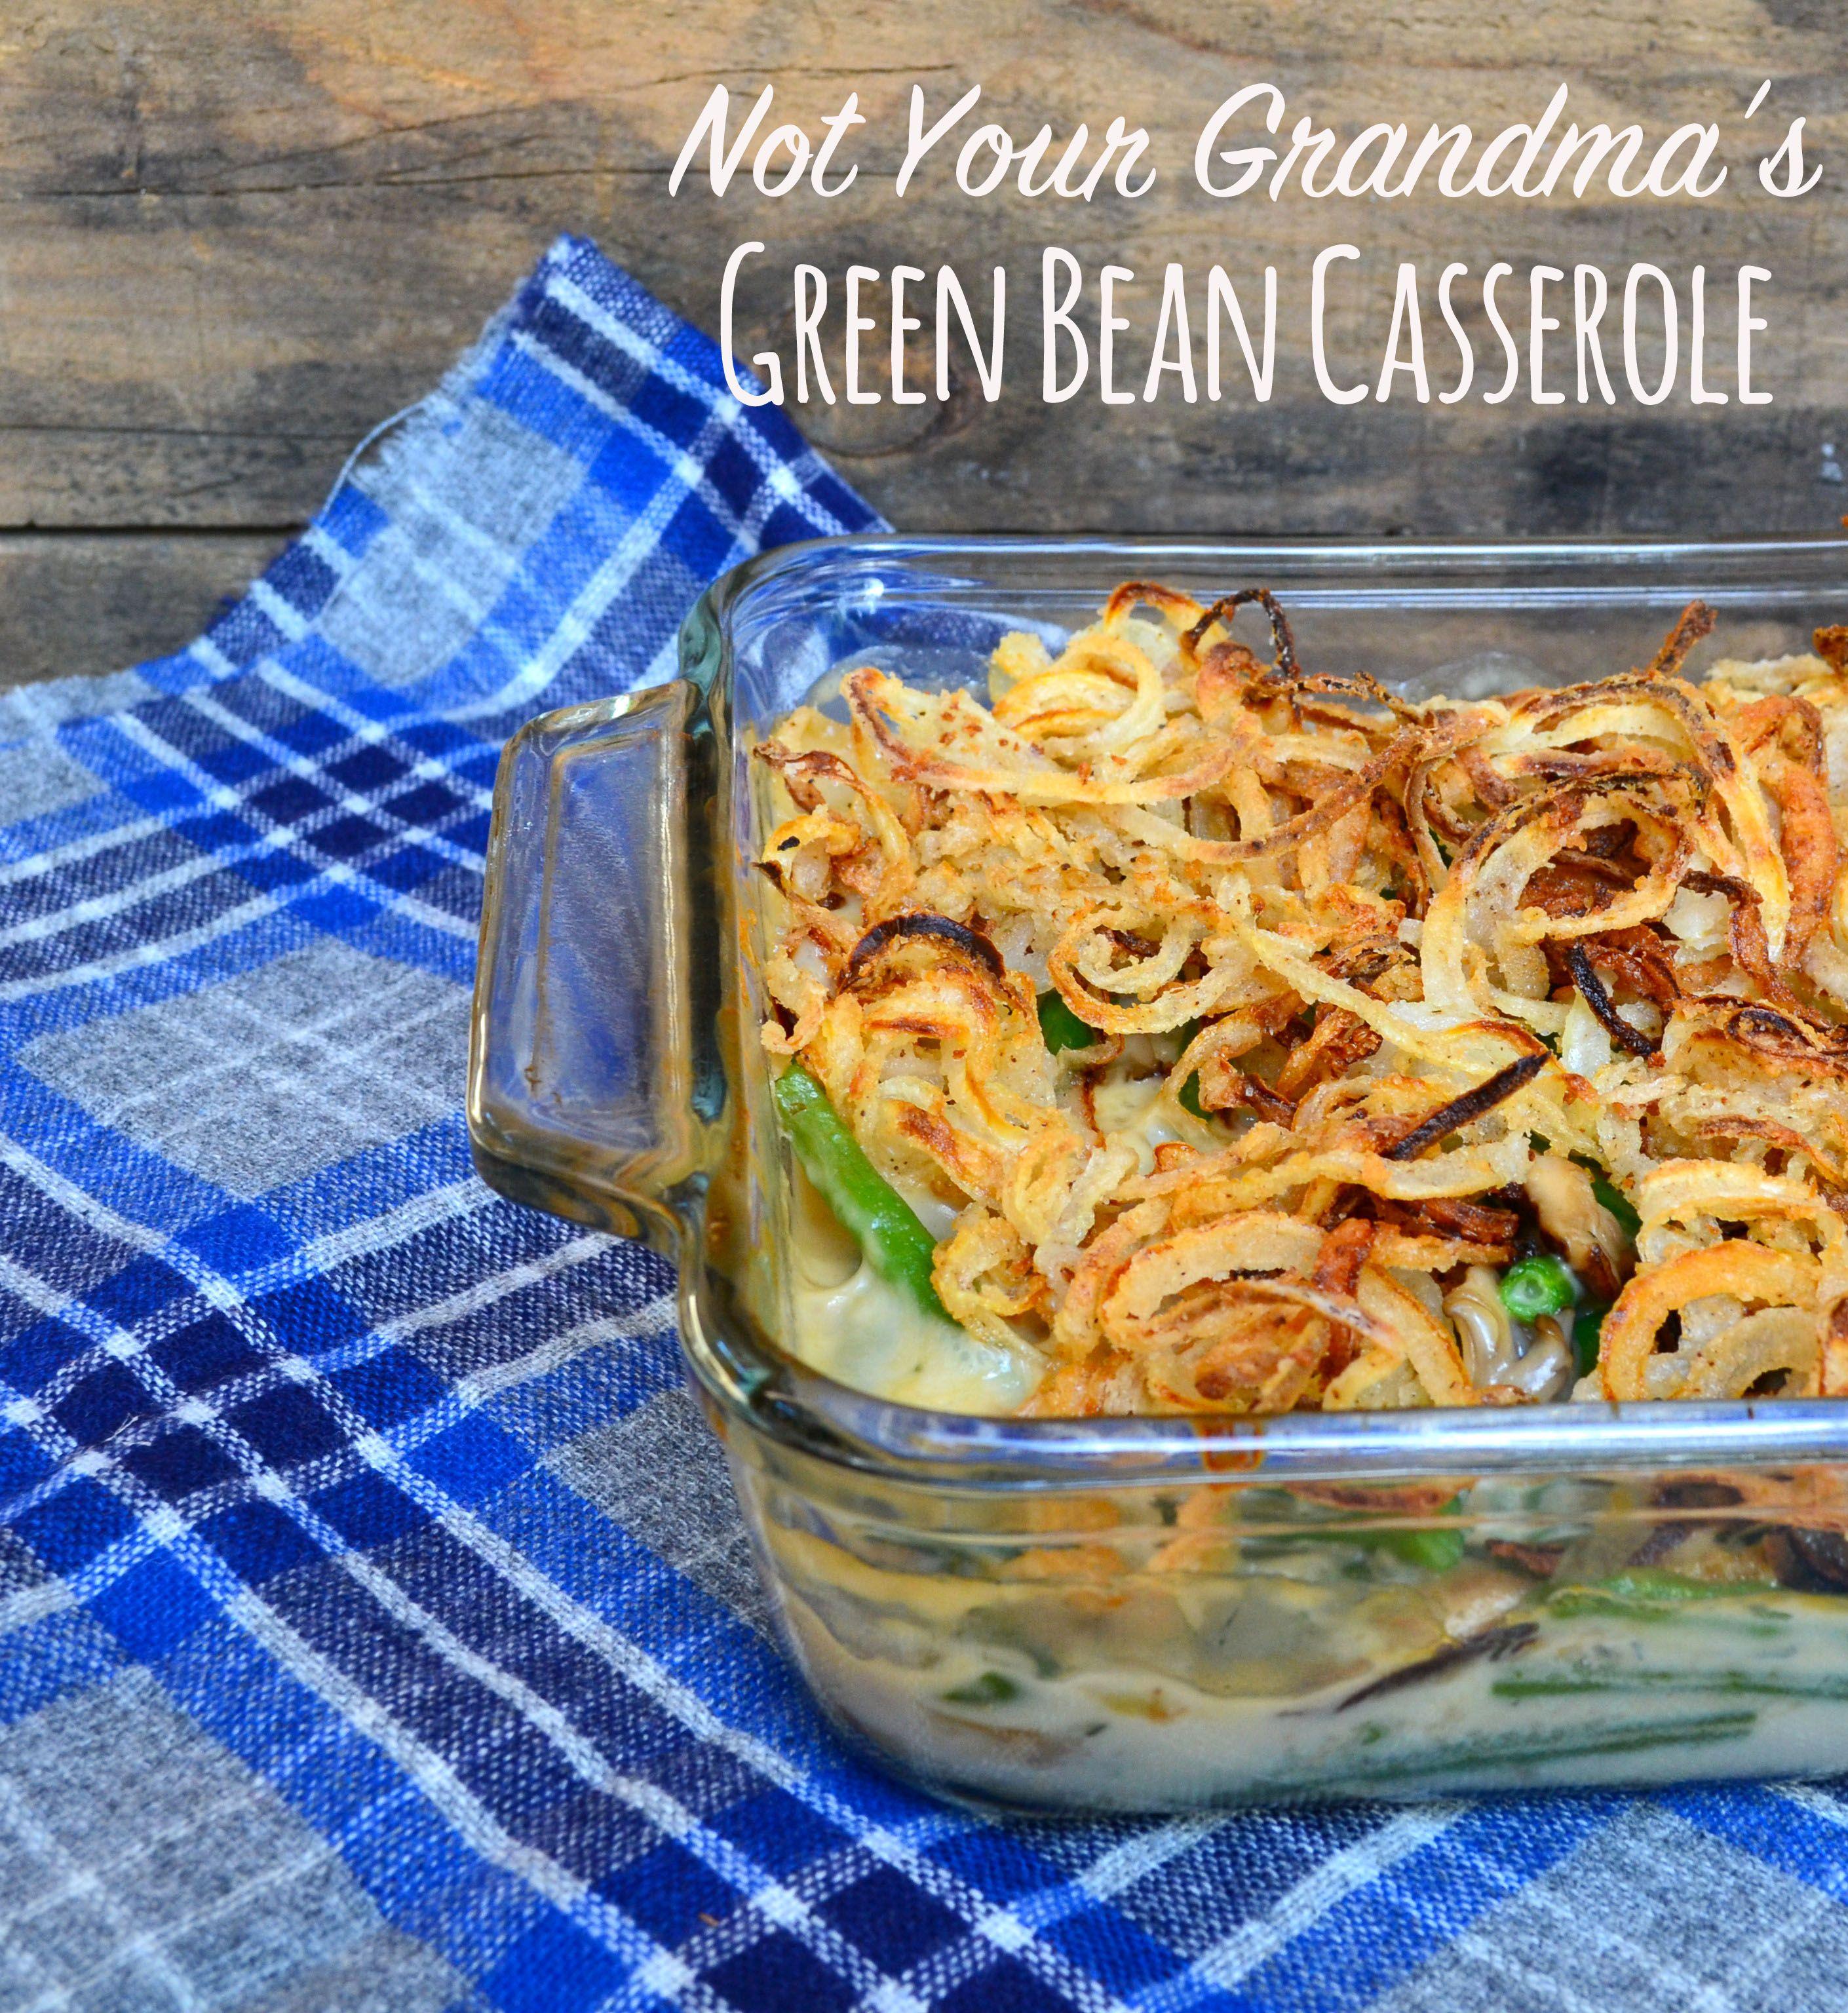 Not Your Grandma S Green Bean Casserole We Love Green